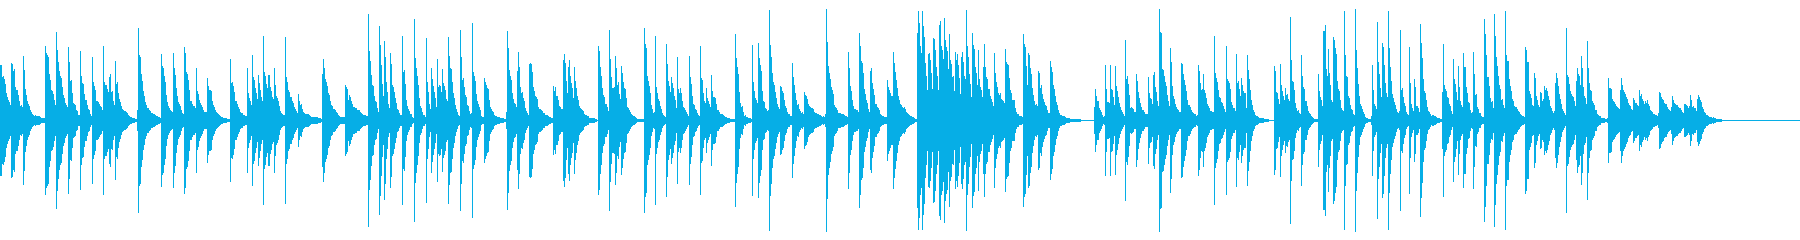 箏 ソロ 伝統的な和風曲の再生済みの波形